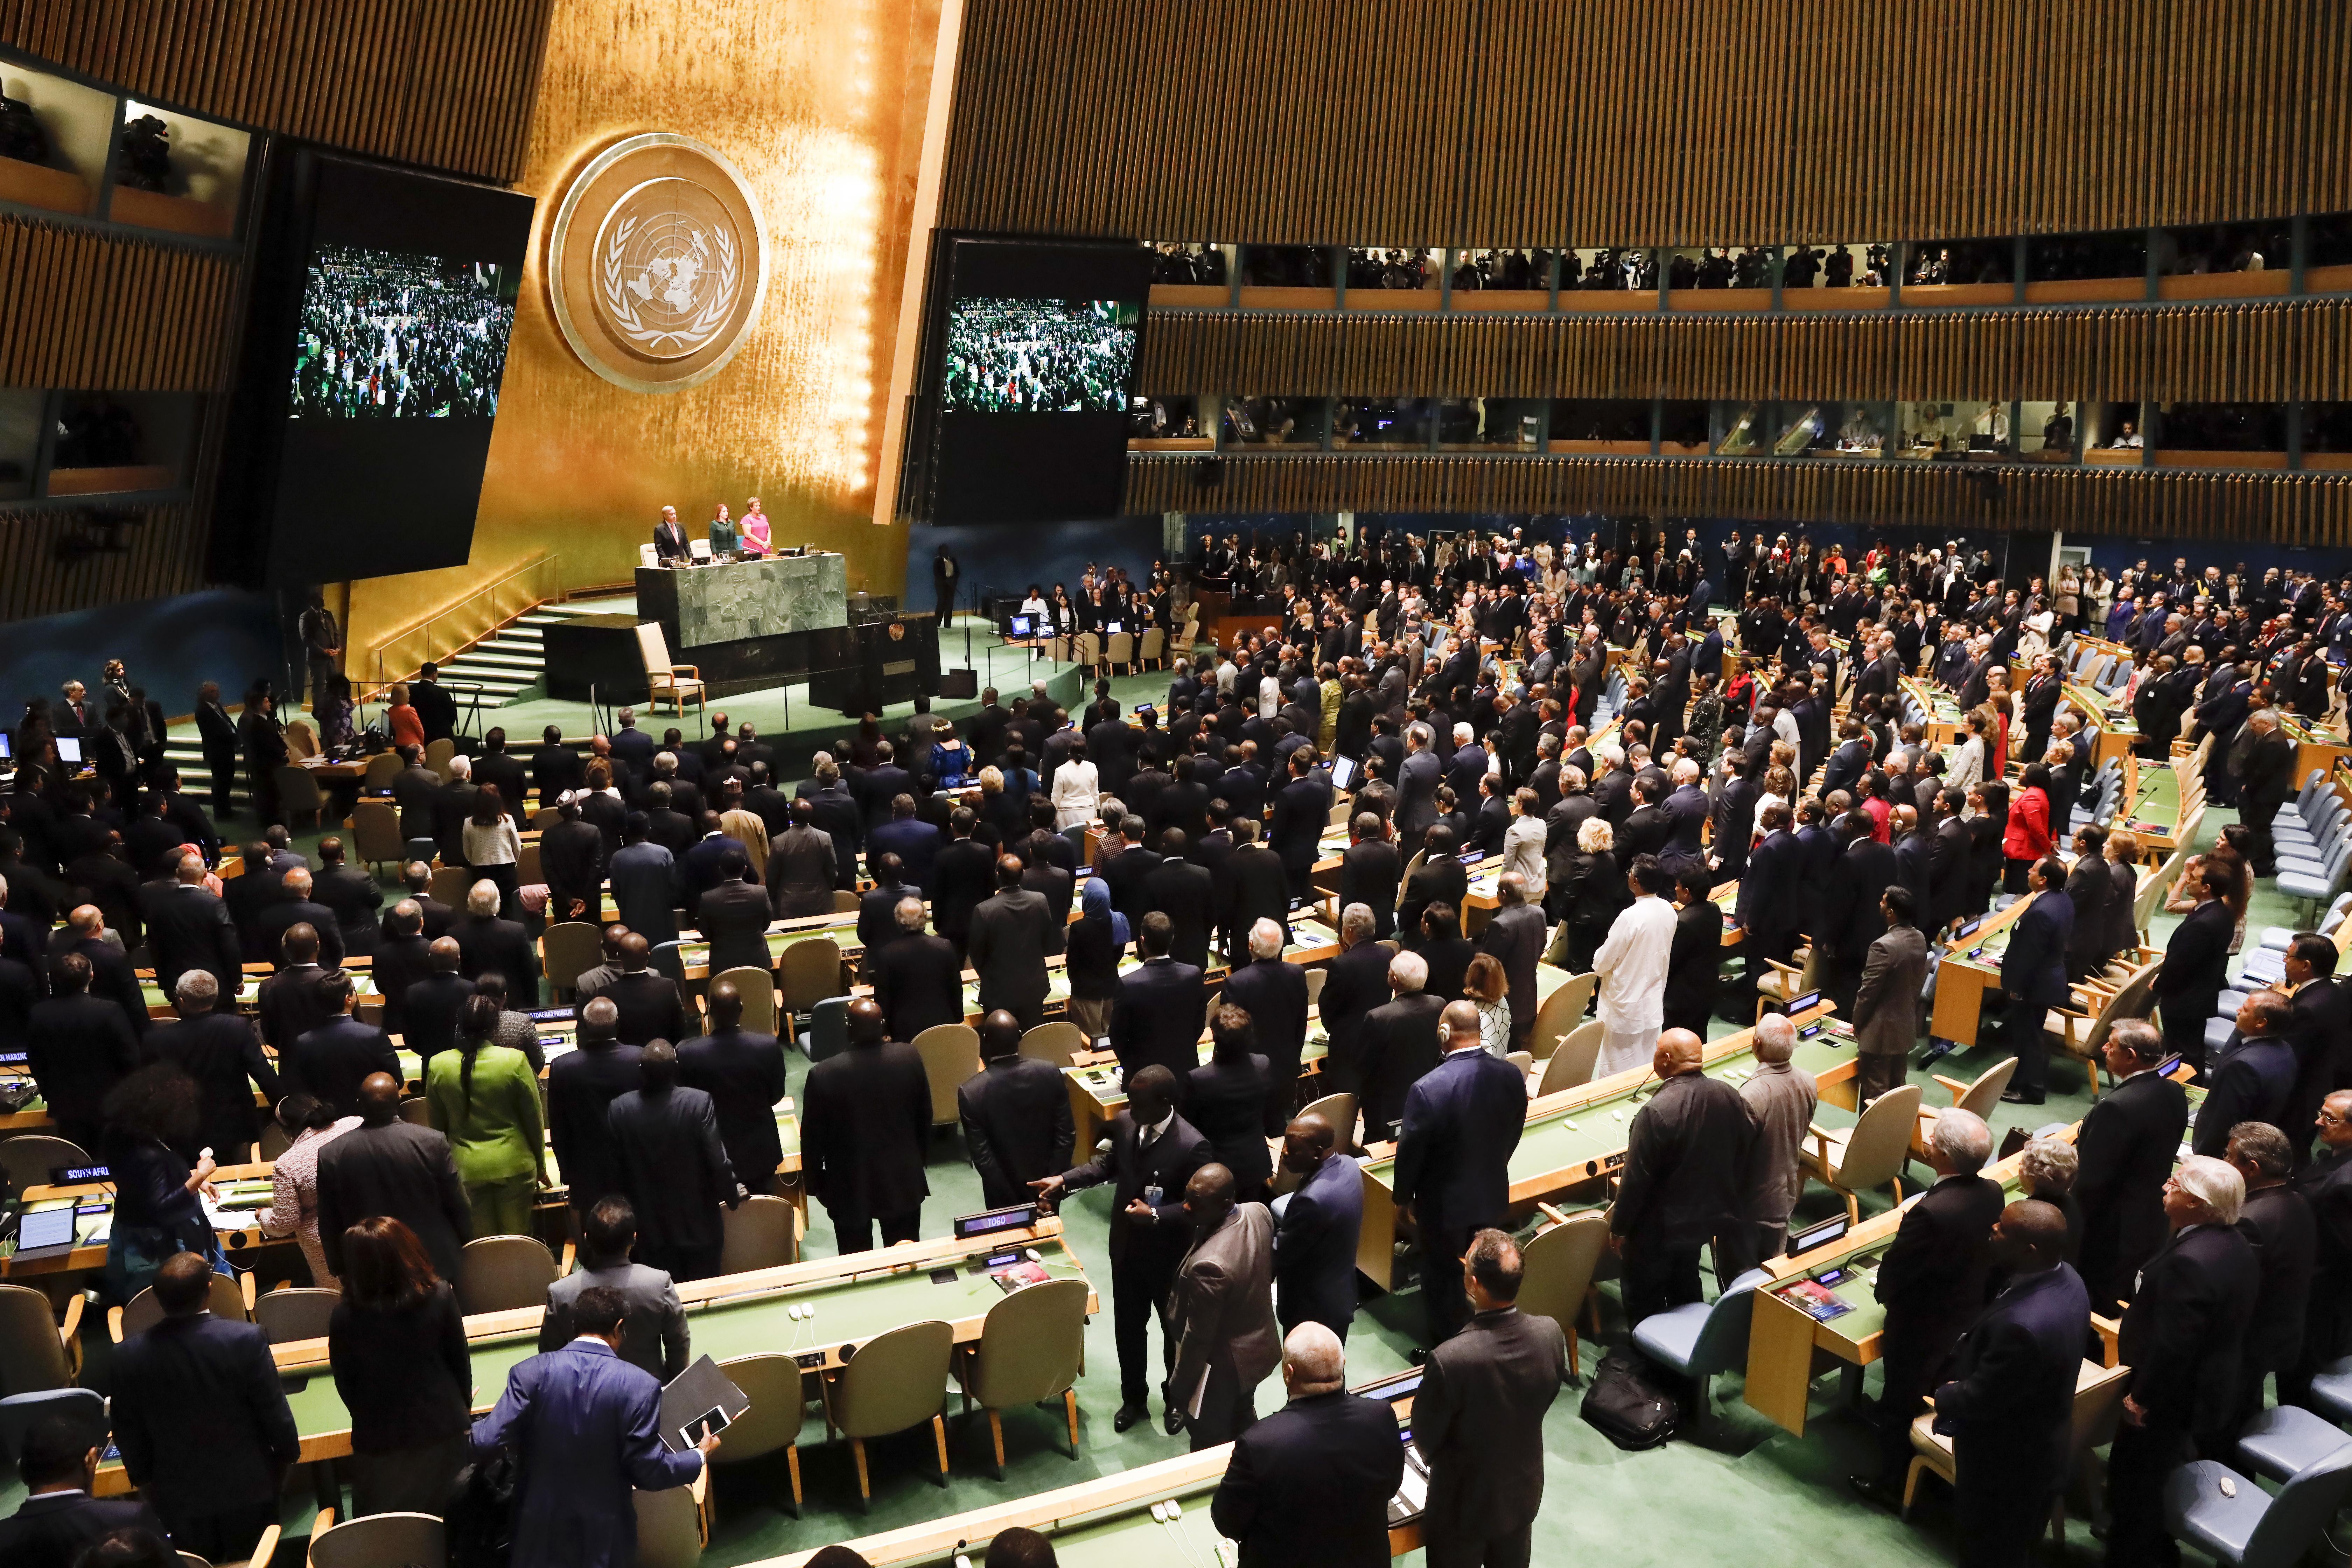 Trumpu se smijali dok se u UN-u hvalio domaćim uspjesima